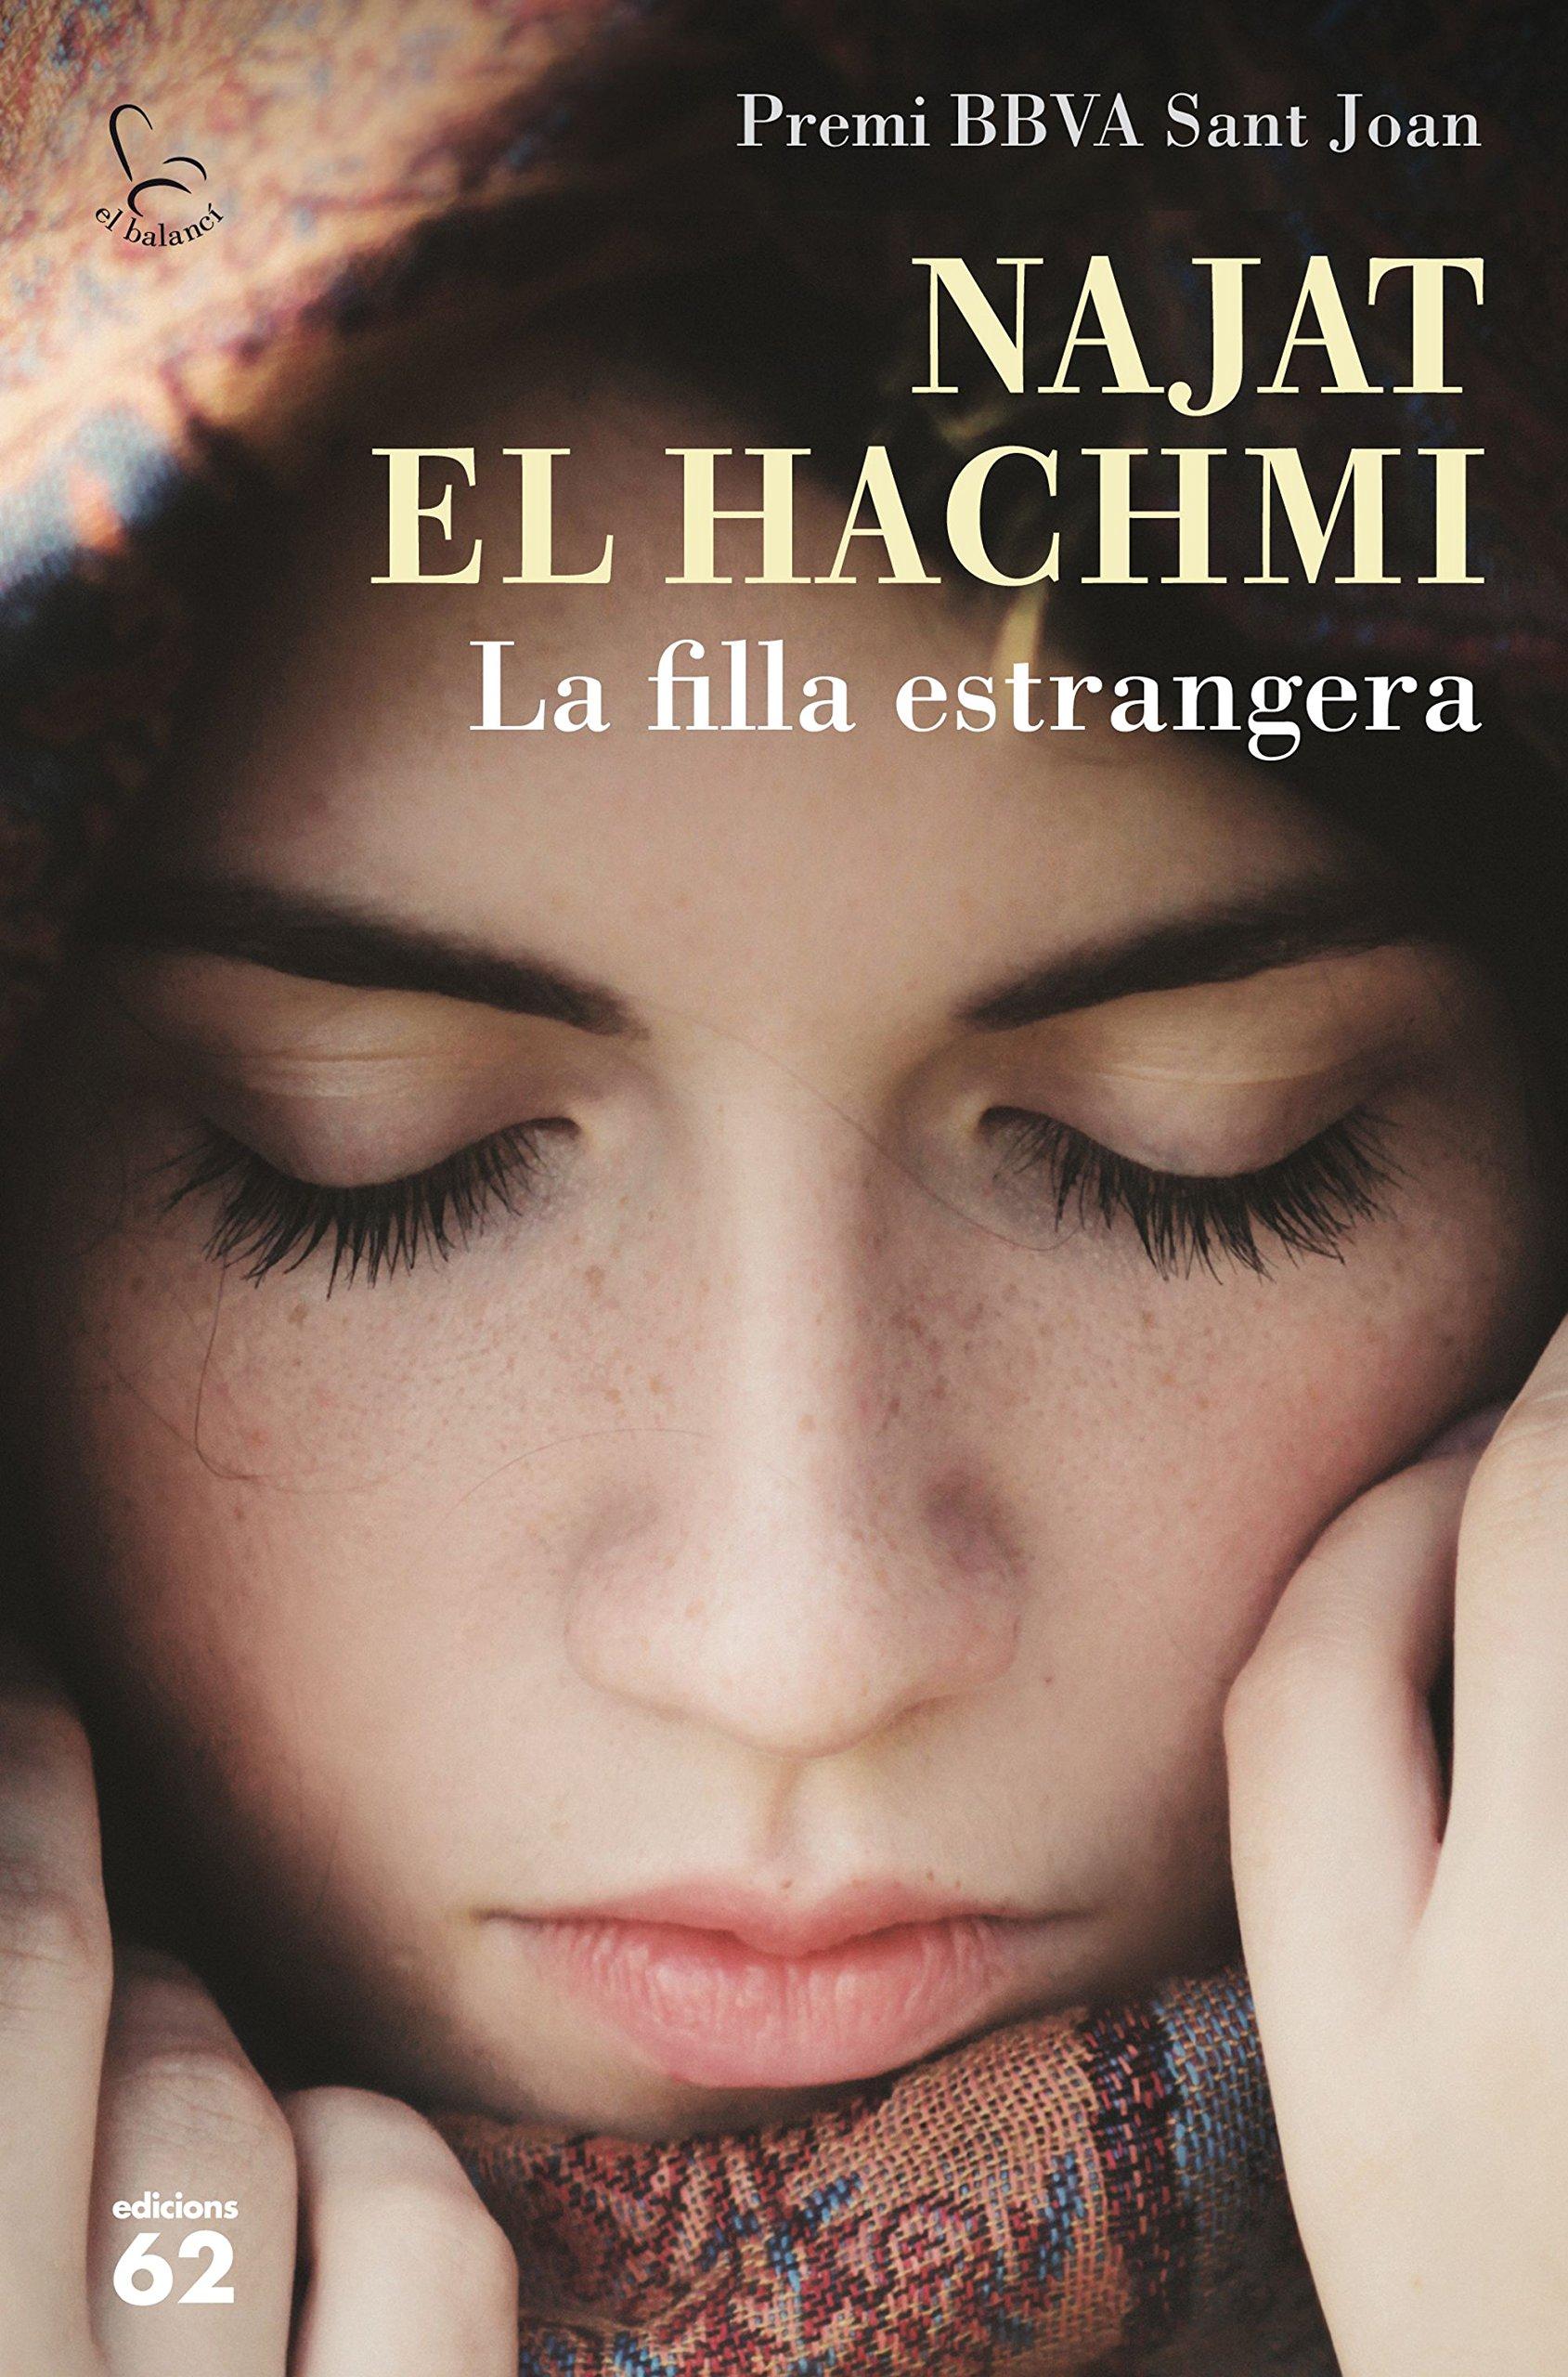 La filla estrangera ISBN-13 9788429774689